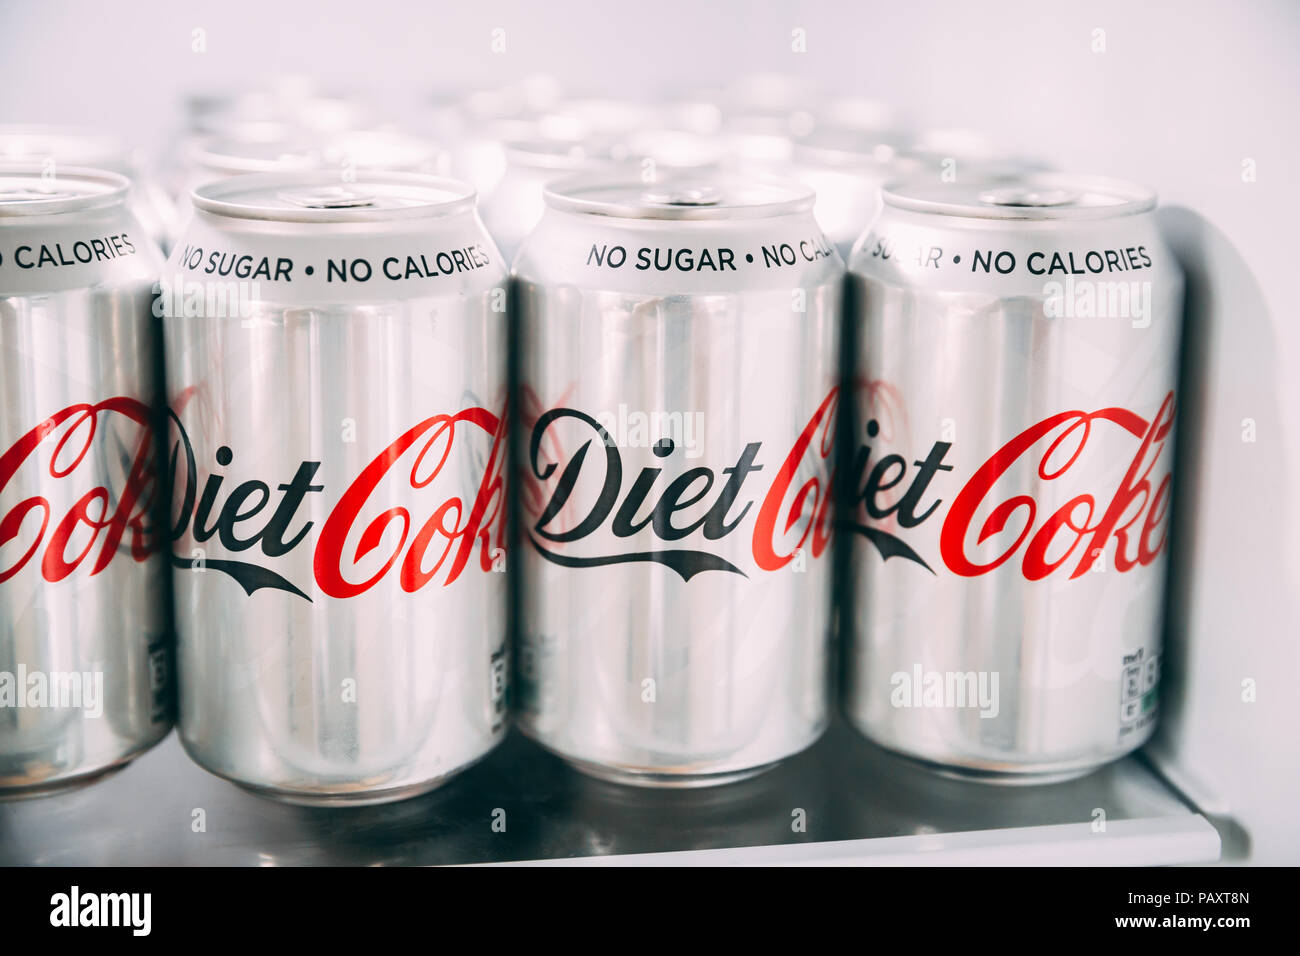 Kühlschrank Dosen : London juli dosen cola im kühlschrank haltbar